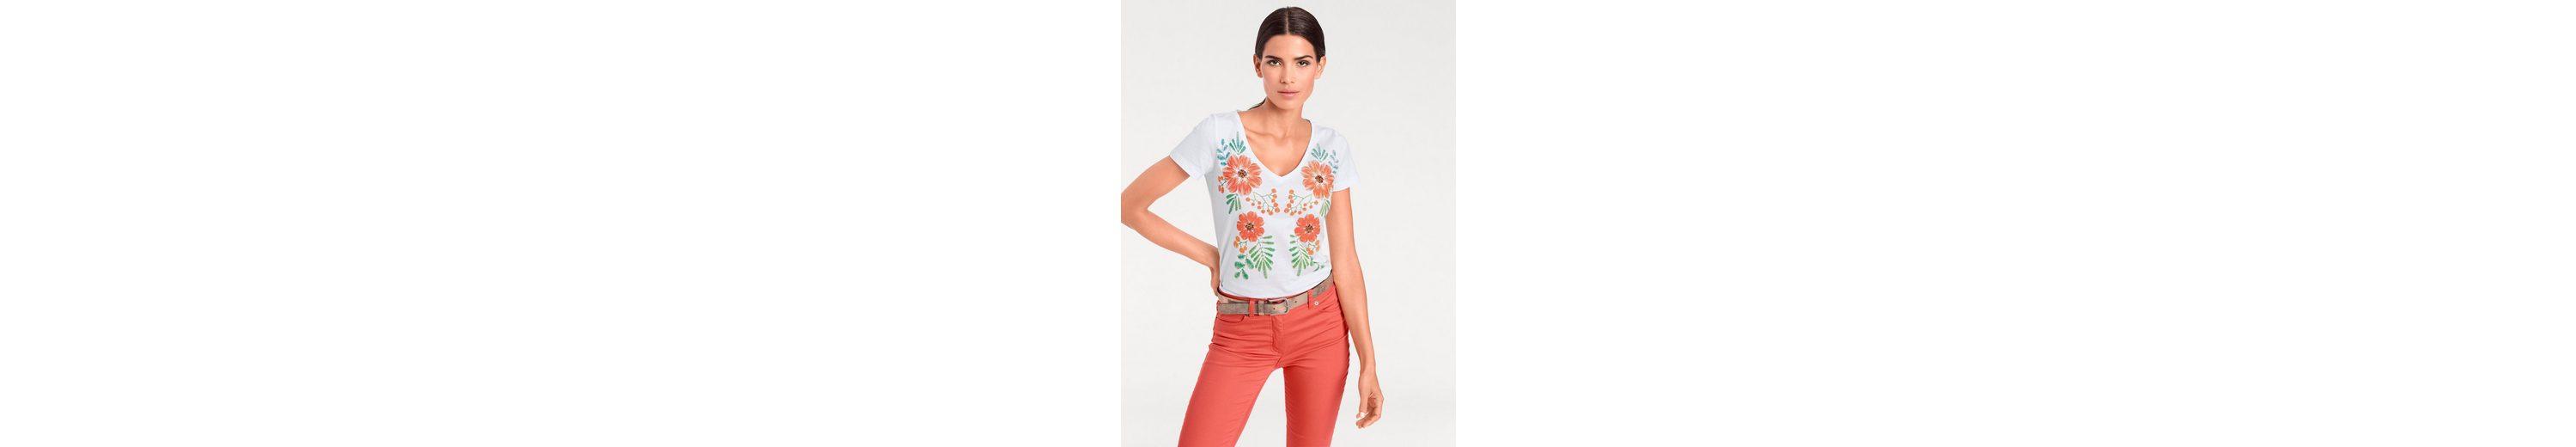 Billig Genießen Günstige Verkaufspreise ASHLEY BROOKE by Heine T-Shirt mit floralem Druck J4KrrwGiJ